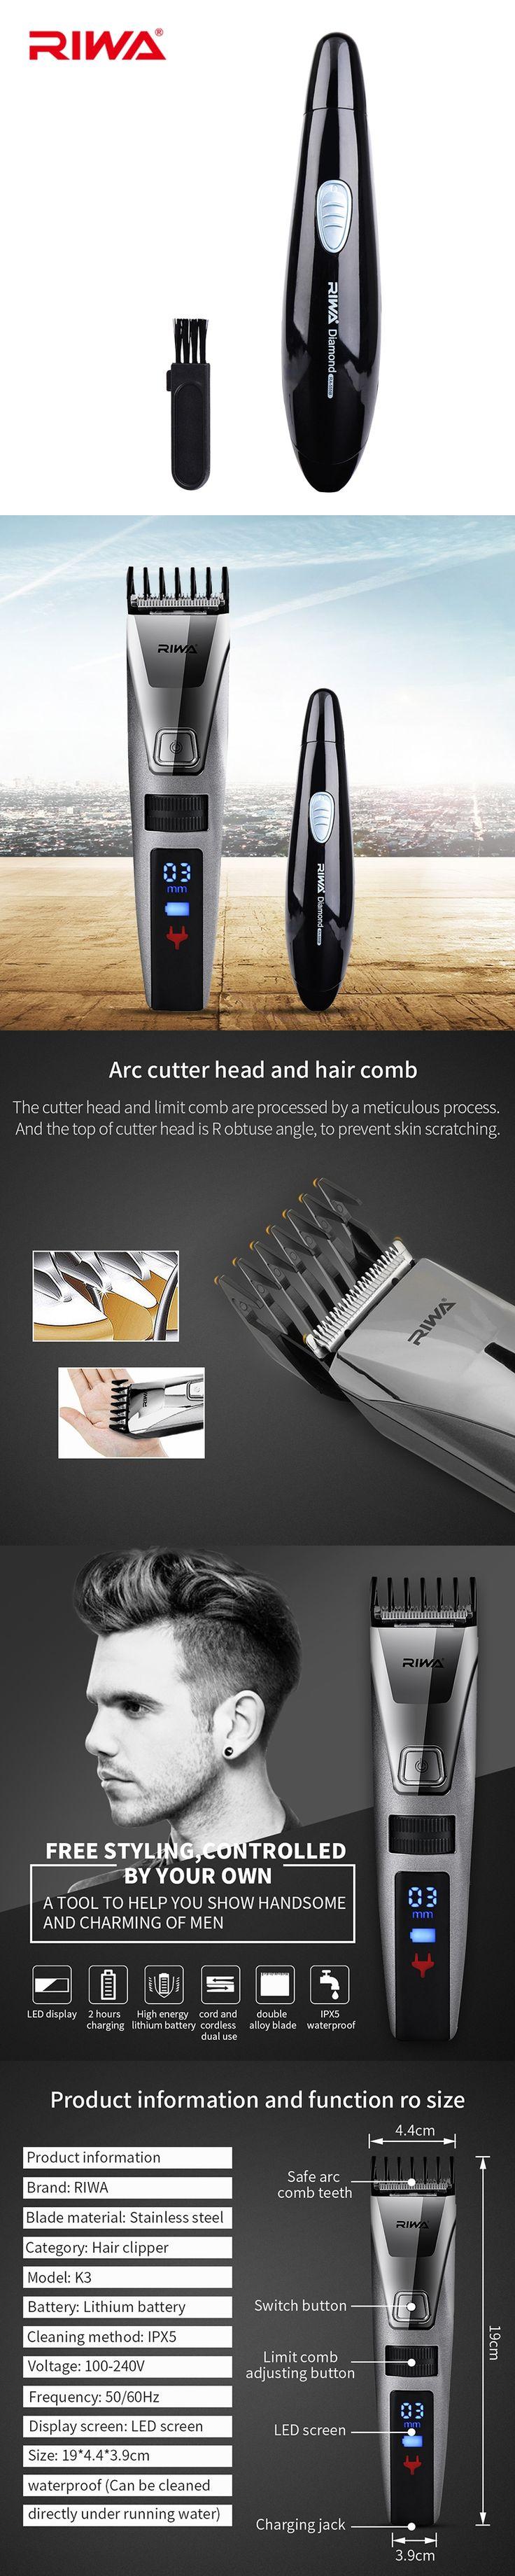 RIWA Professional Electric Haircut Hair Trimmer Nose Men Beard Clipper Hair Cutting Machine Hair Cutter Barber Tools Clipper